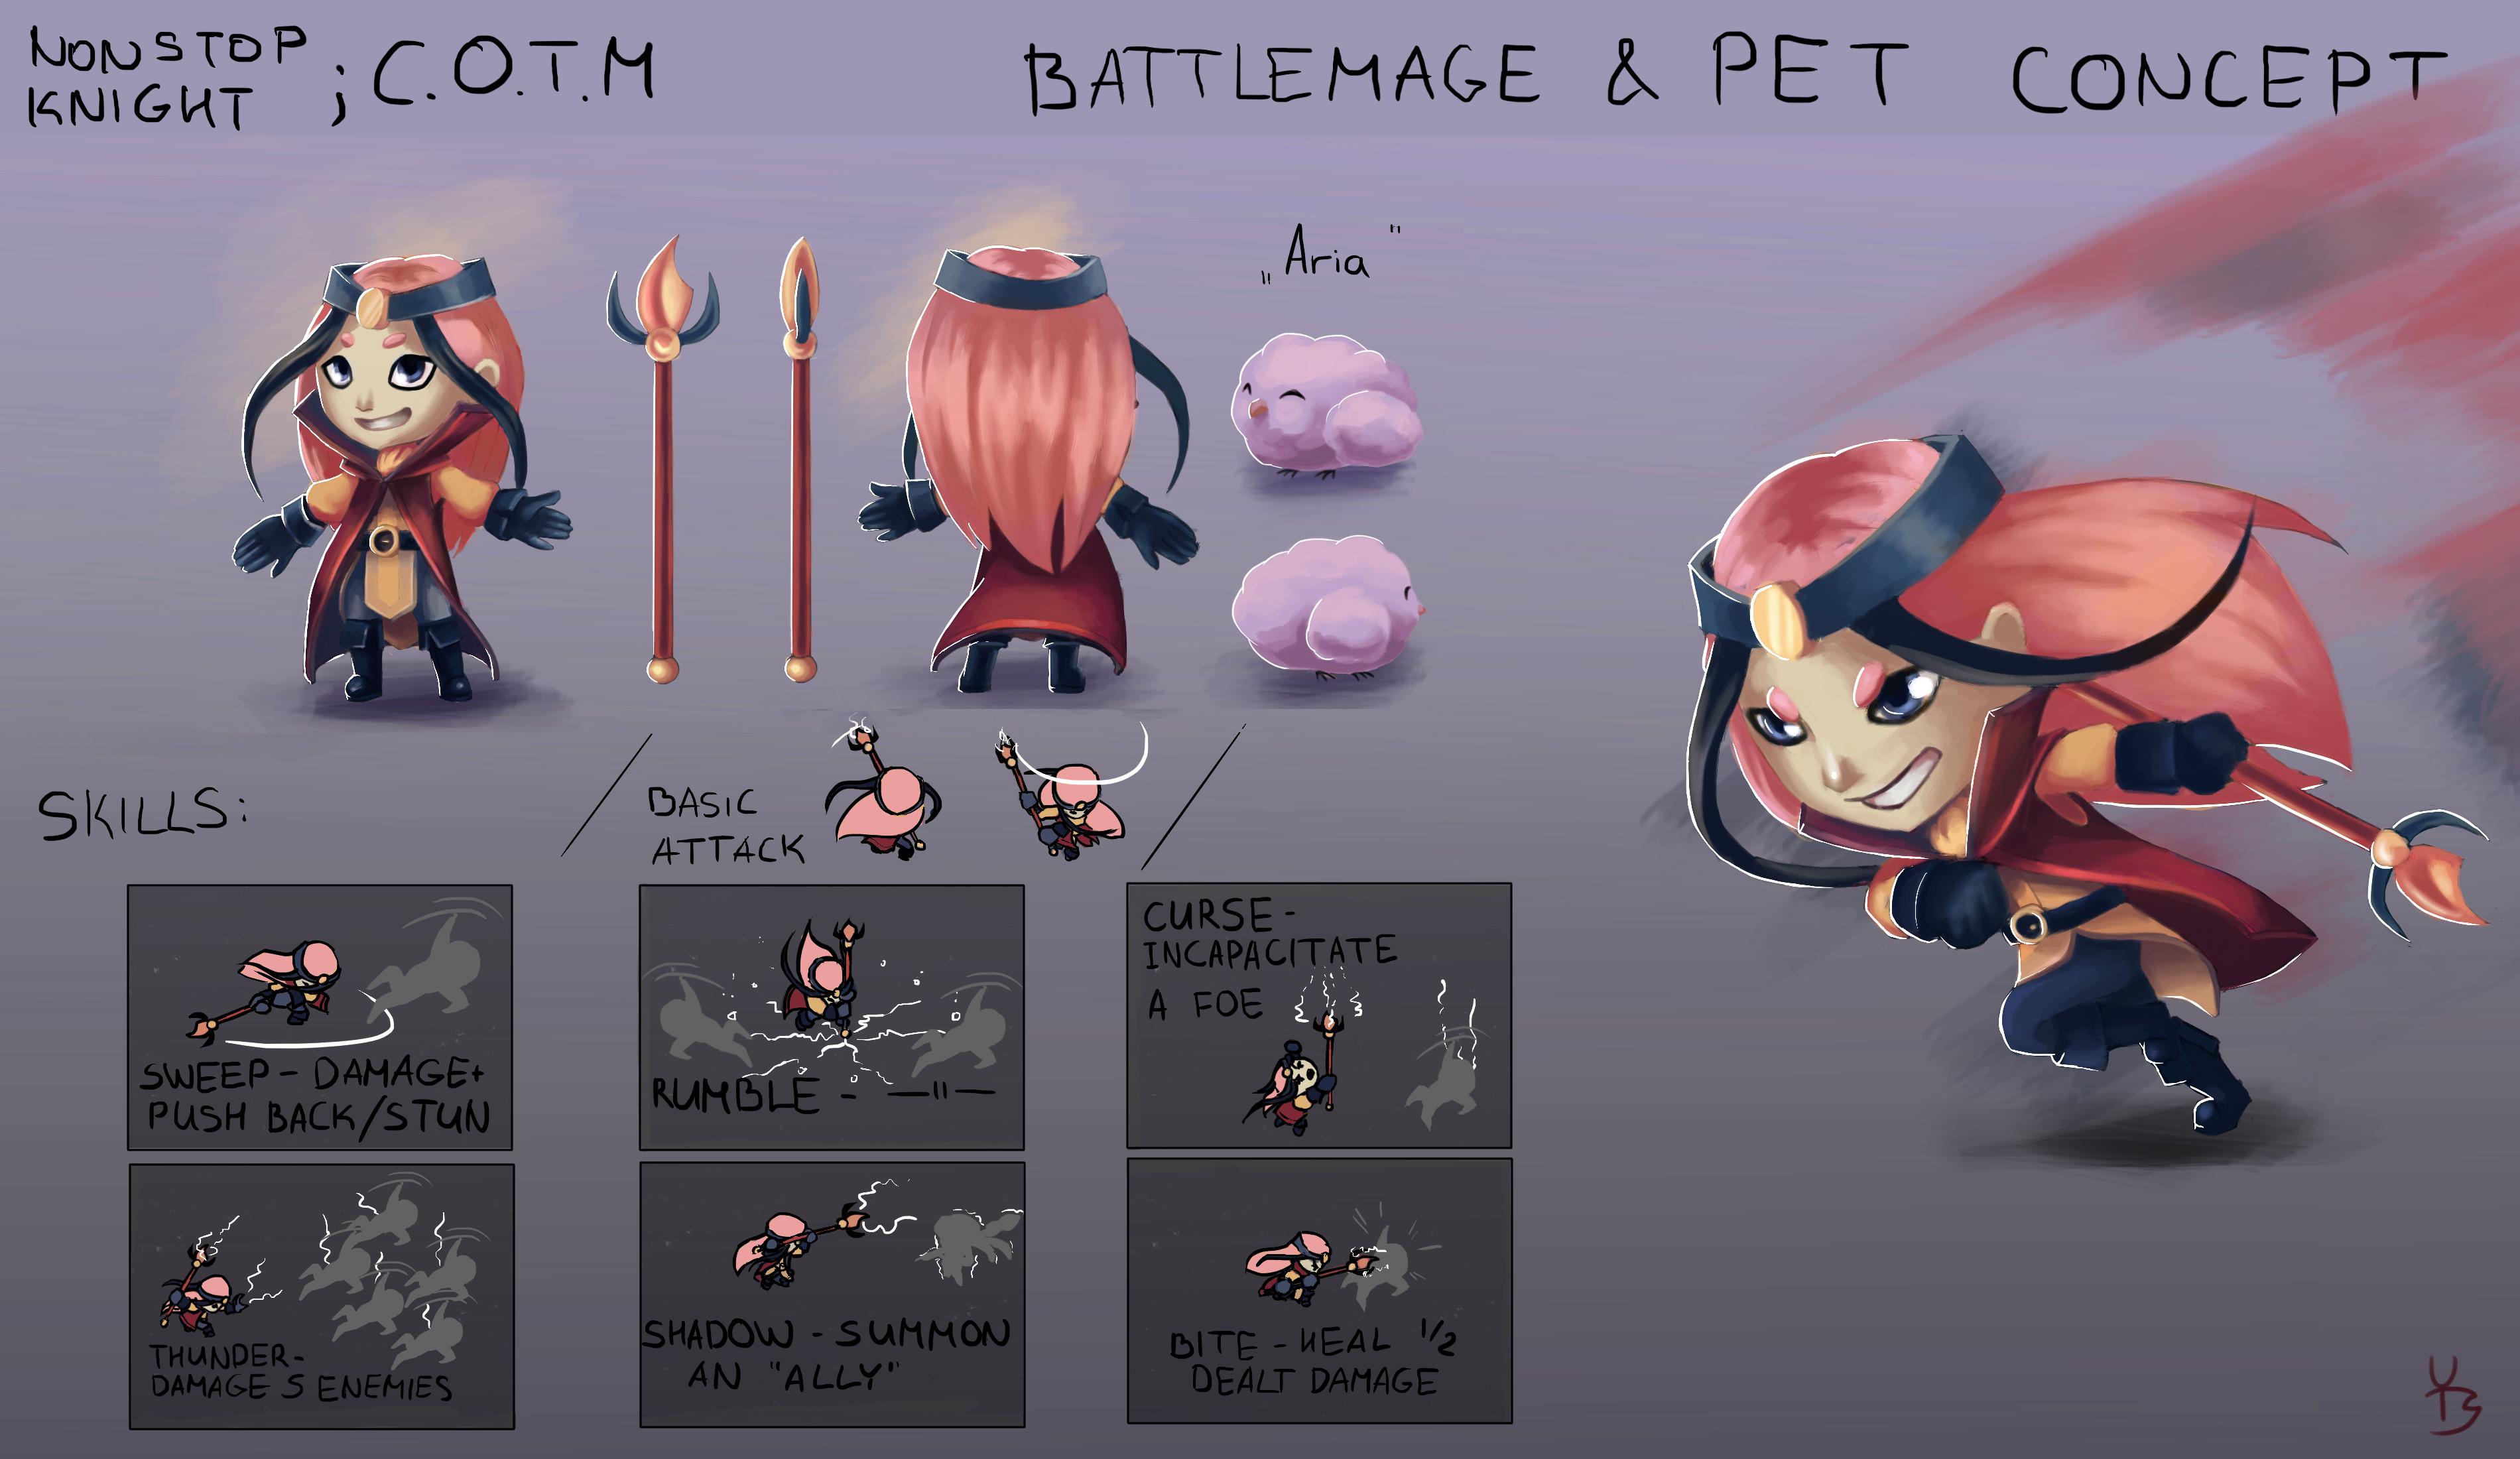 C.O.T.M - Hero&Pet Design